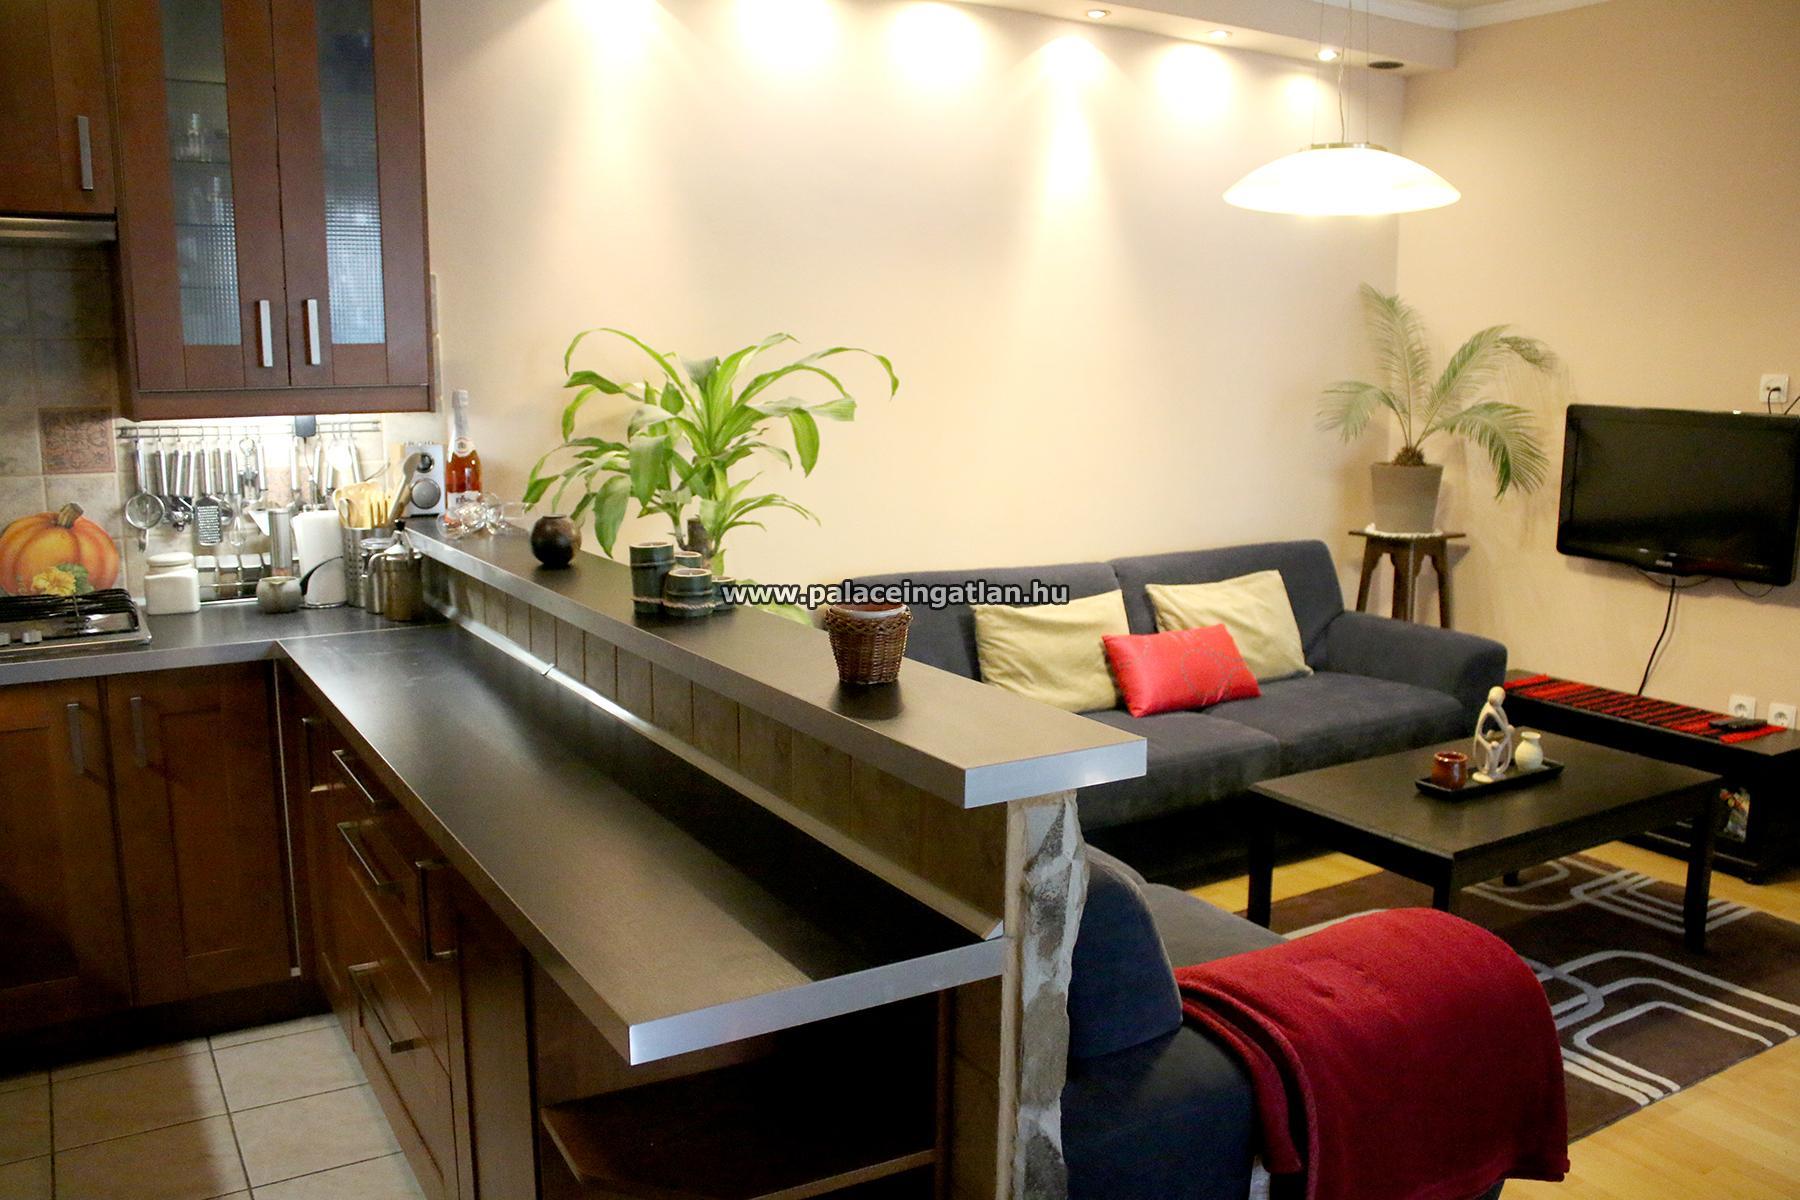 VI., Szív utcában nappali + 2 hálós, berendezett, erkélyes lakás ...